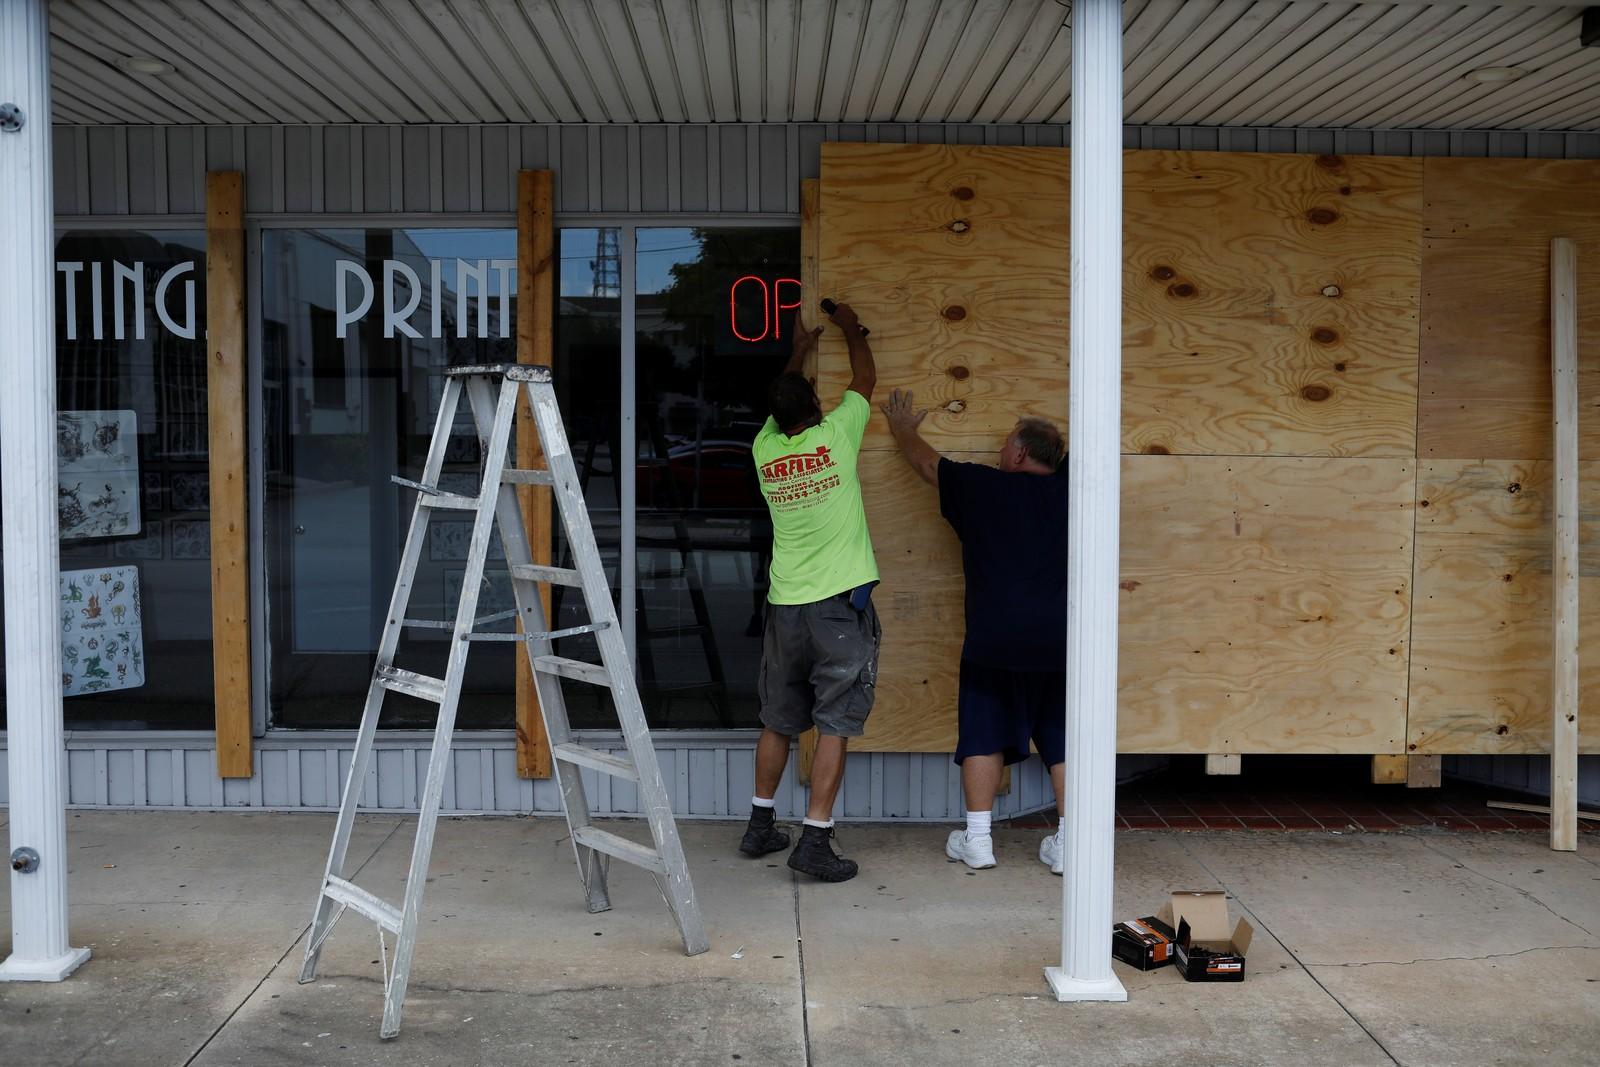 Homens colocam painéis em uma loja, na Flórida, após alerta sobre possível chegada do furacão Dorian — Foto: Marco Bello/Reuters